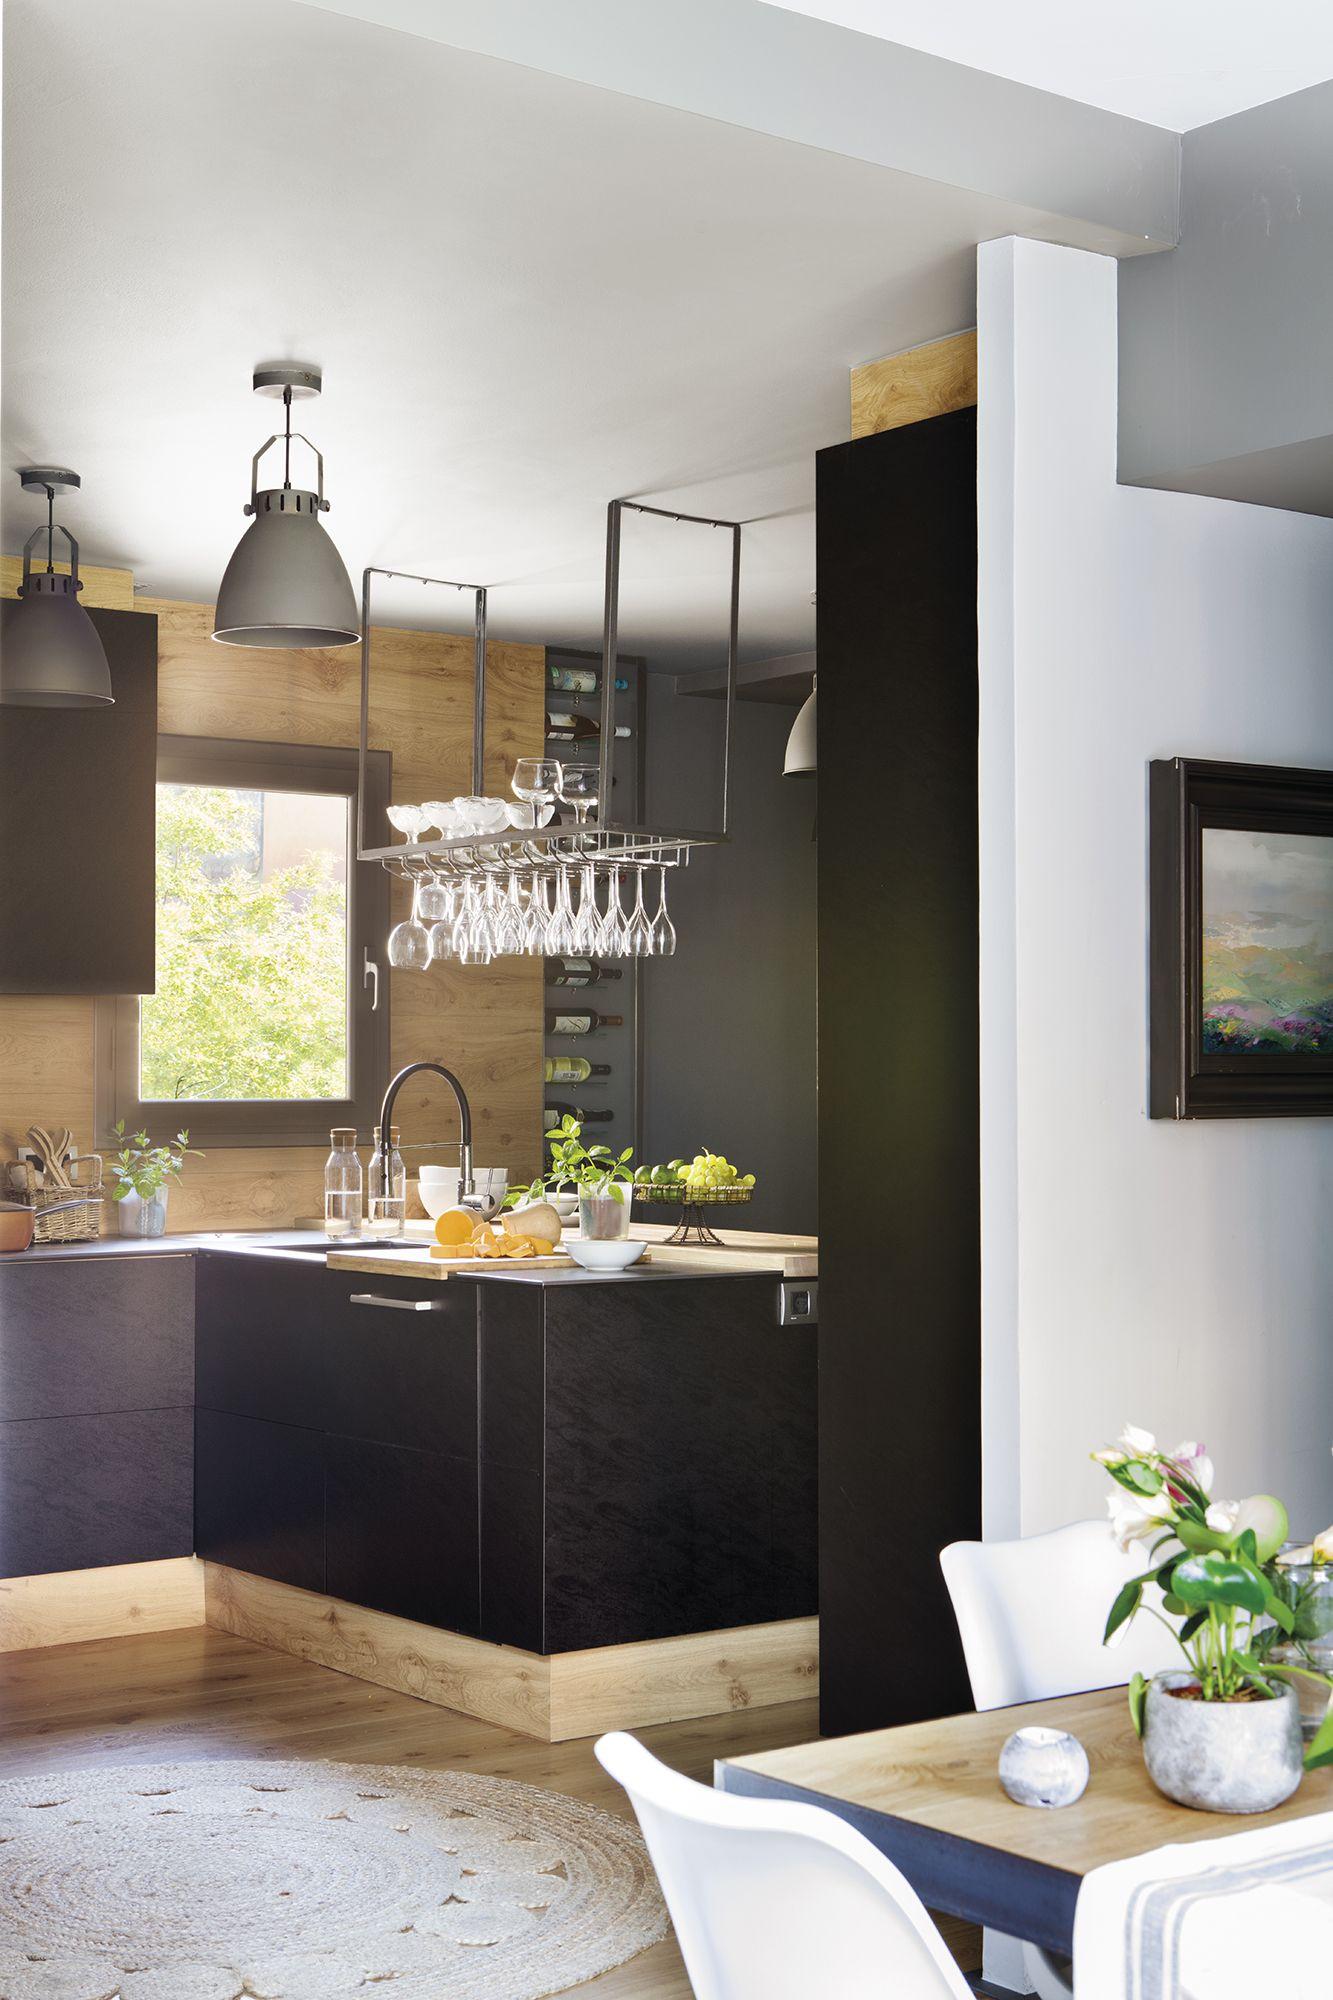 cocina industrial negra | Decor | Pinterest | Cocinas, Cocinas ...